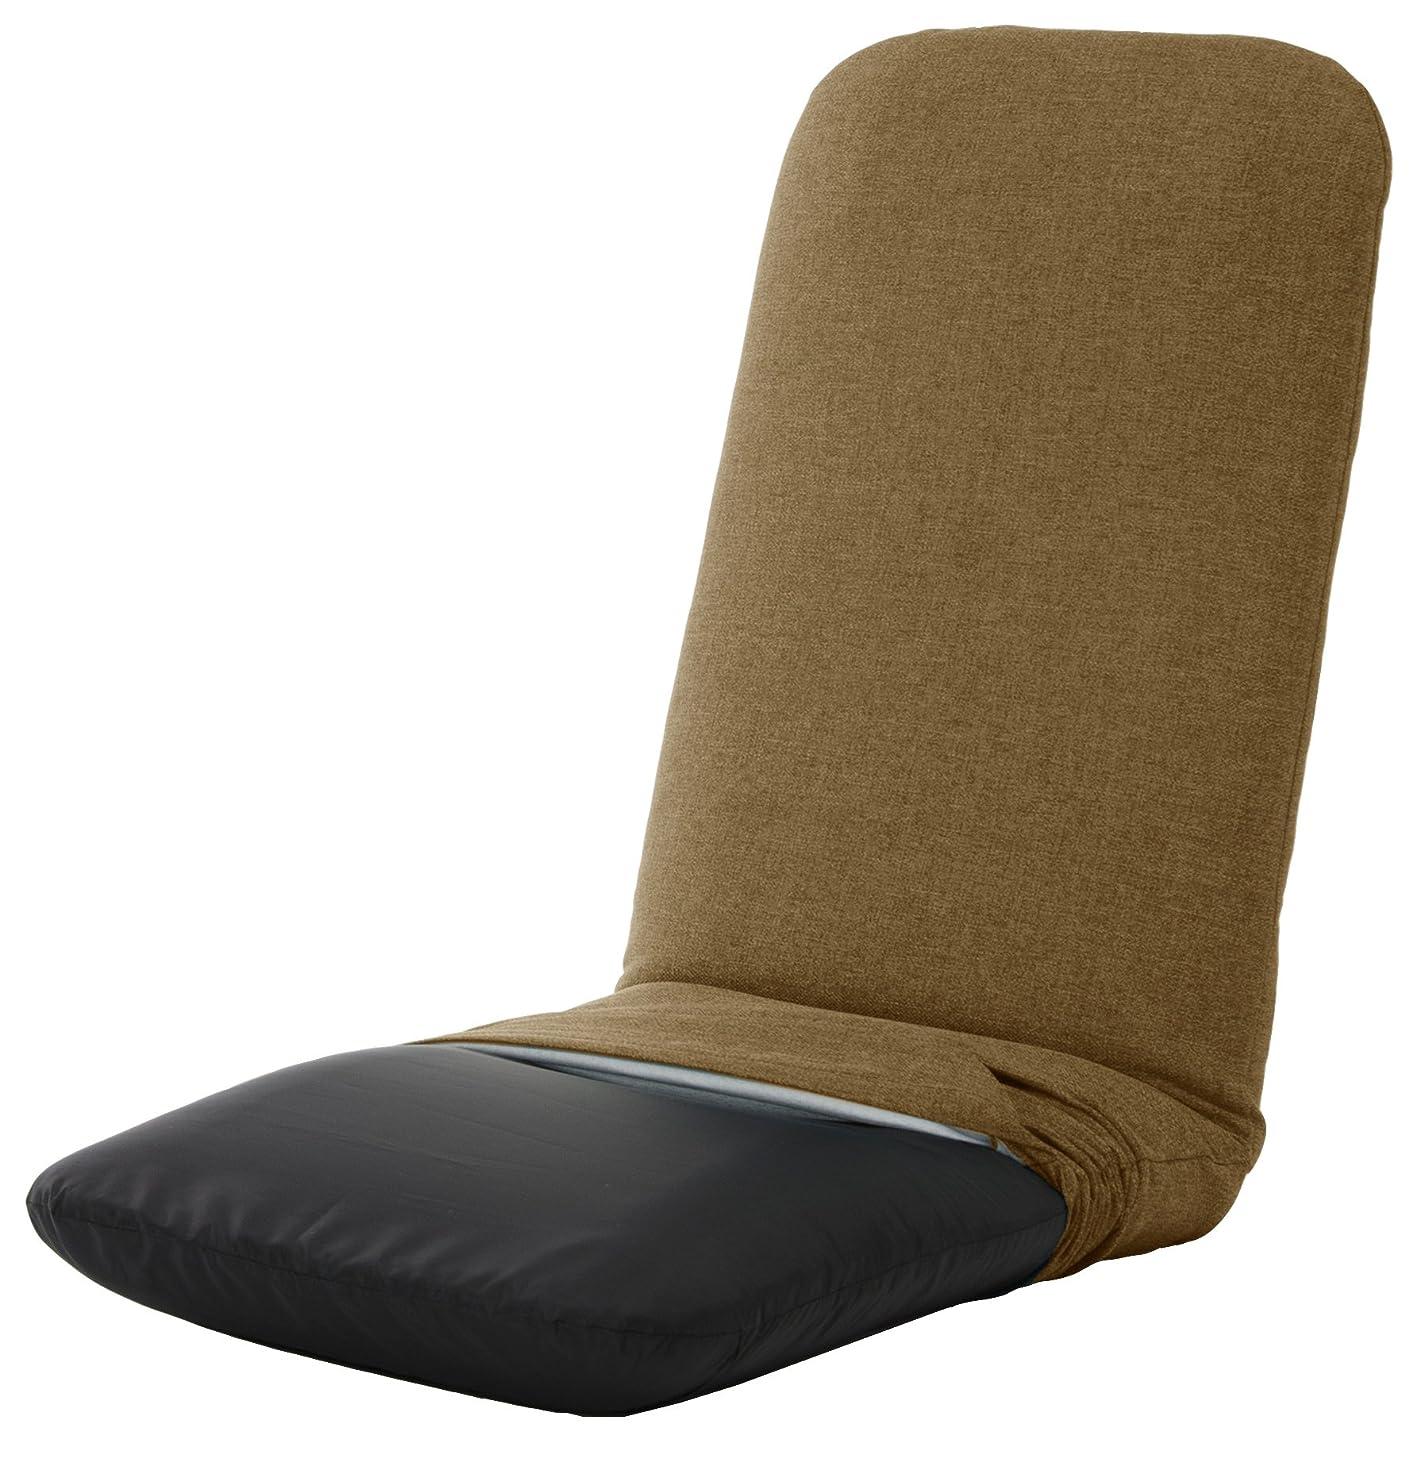 彼らの所持残基セルタン 座椅子 堕落チェア ダリアンブラウン カバーが洗えるタイプ 背部リクライニング 日本製 A562a-561BR